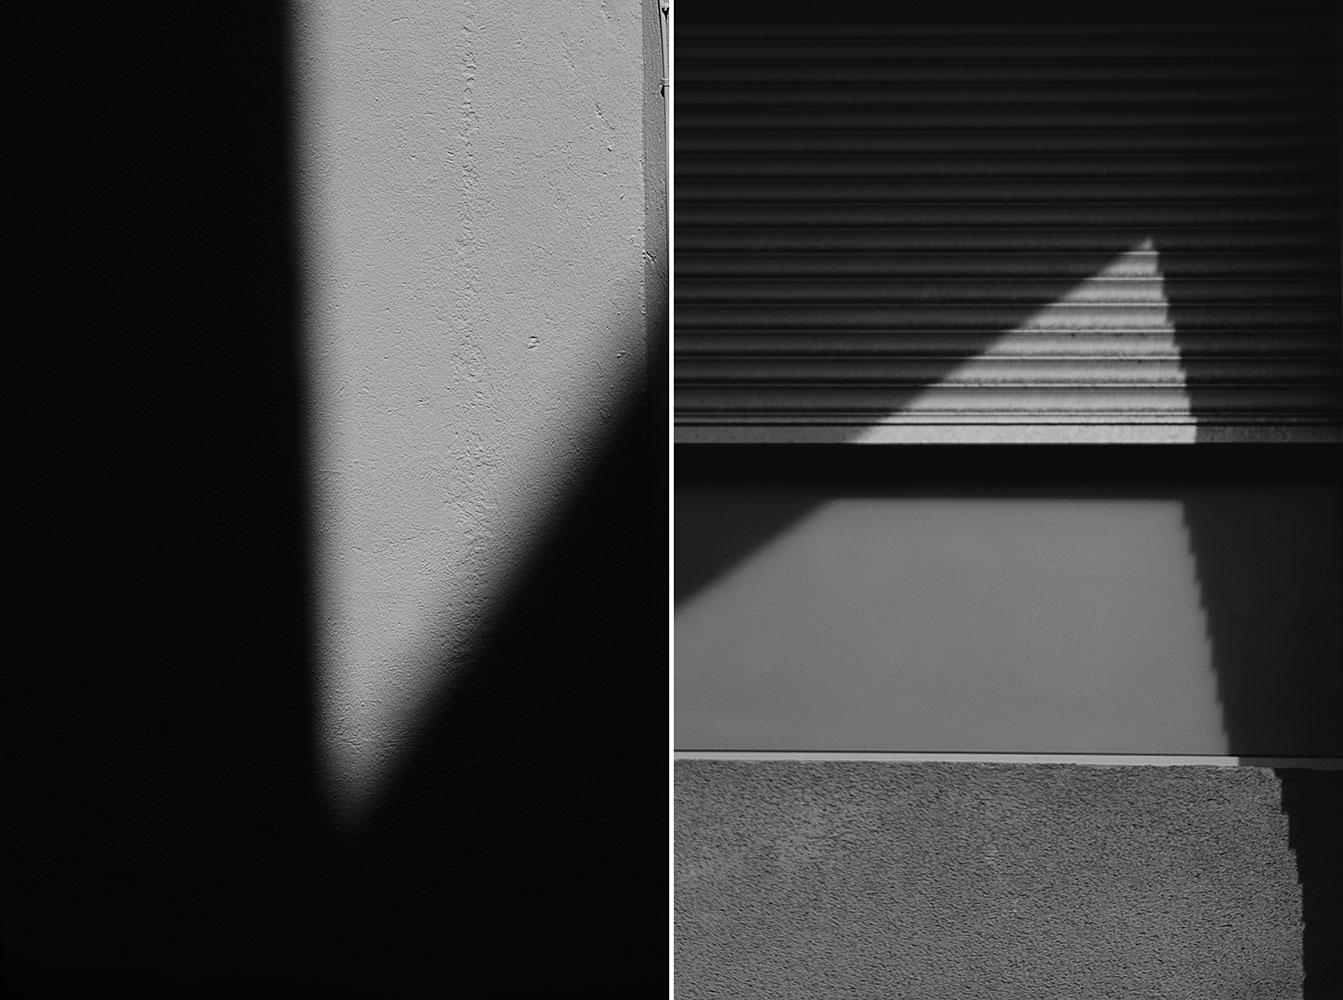 espectros_arquitectonicos_photography_donaestrangera_persona_barcelona3.jpg